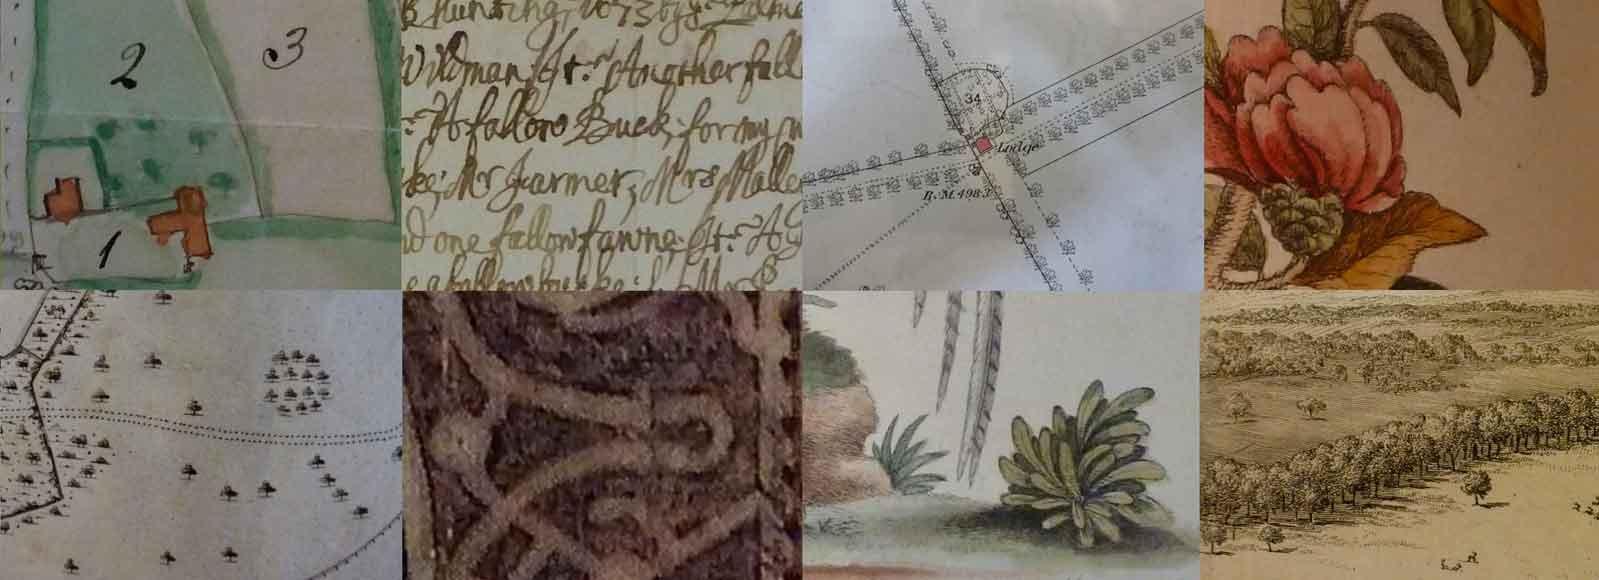 Camilla Beresford Landscape Historian Process